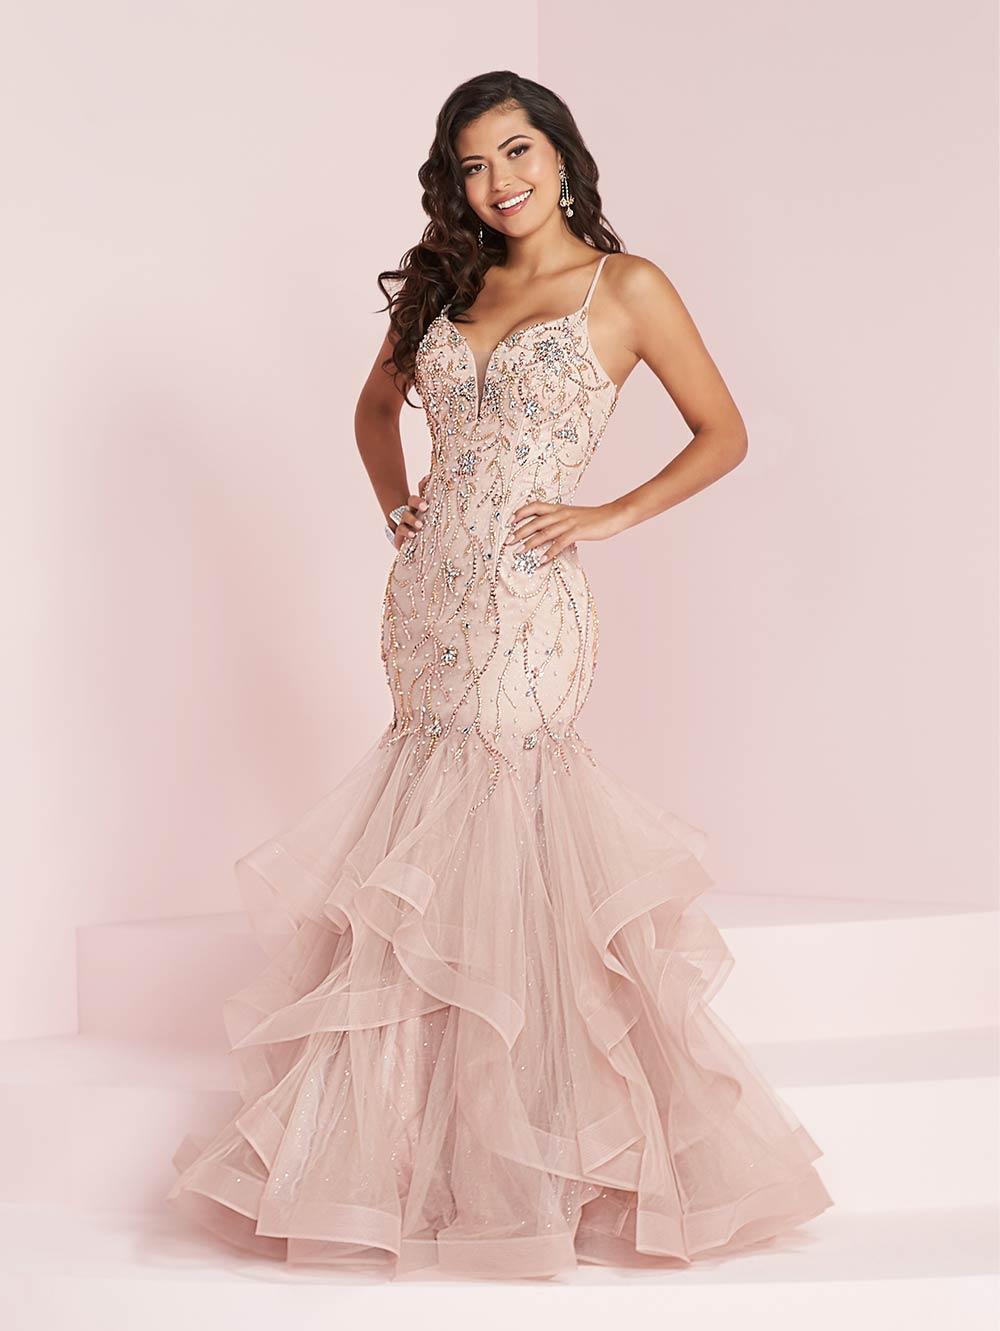 prom-dresses-jacquelin-bridals-canada-27598